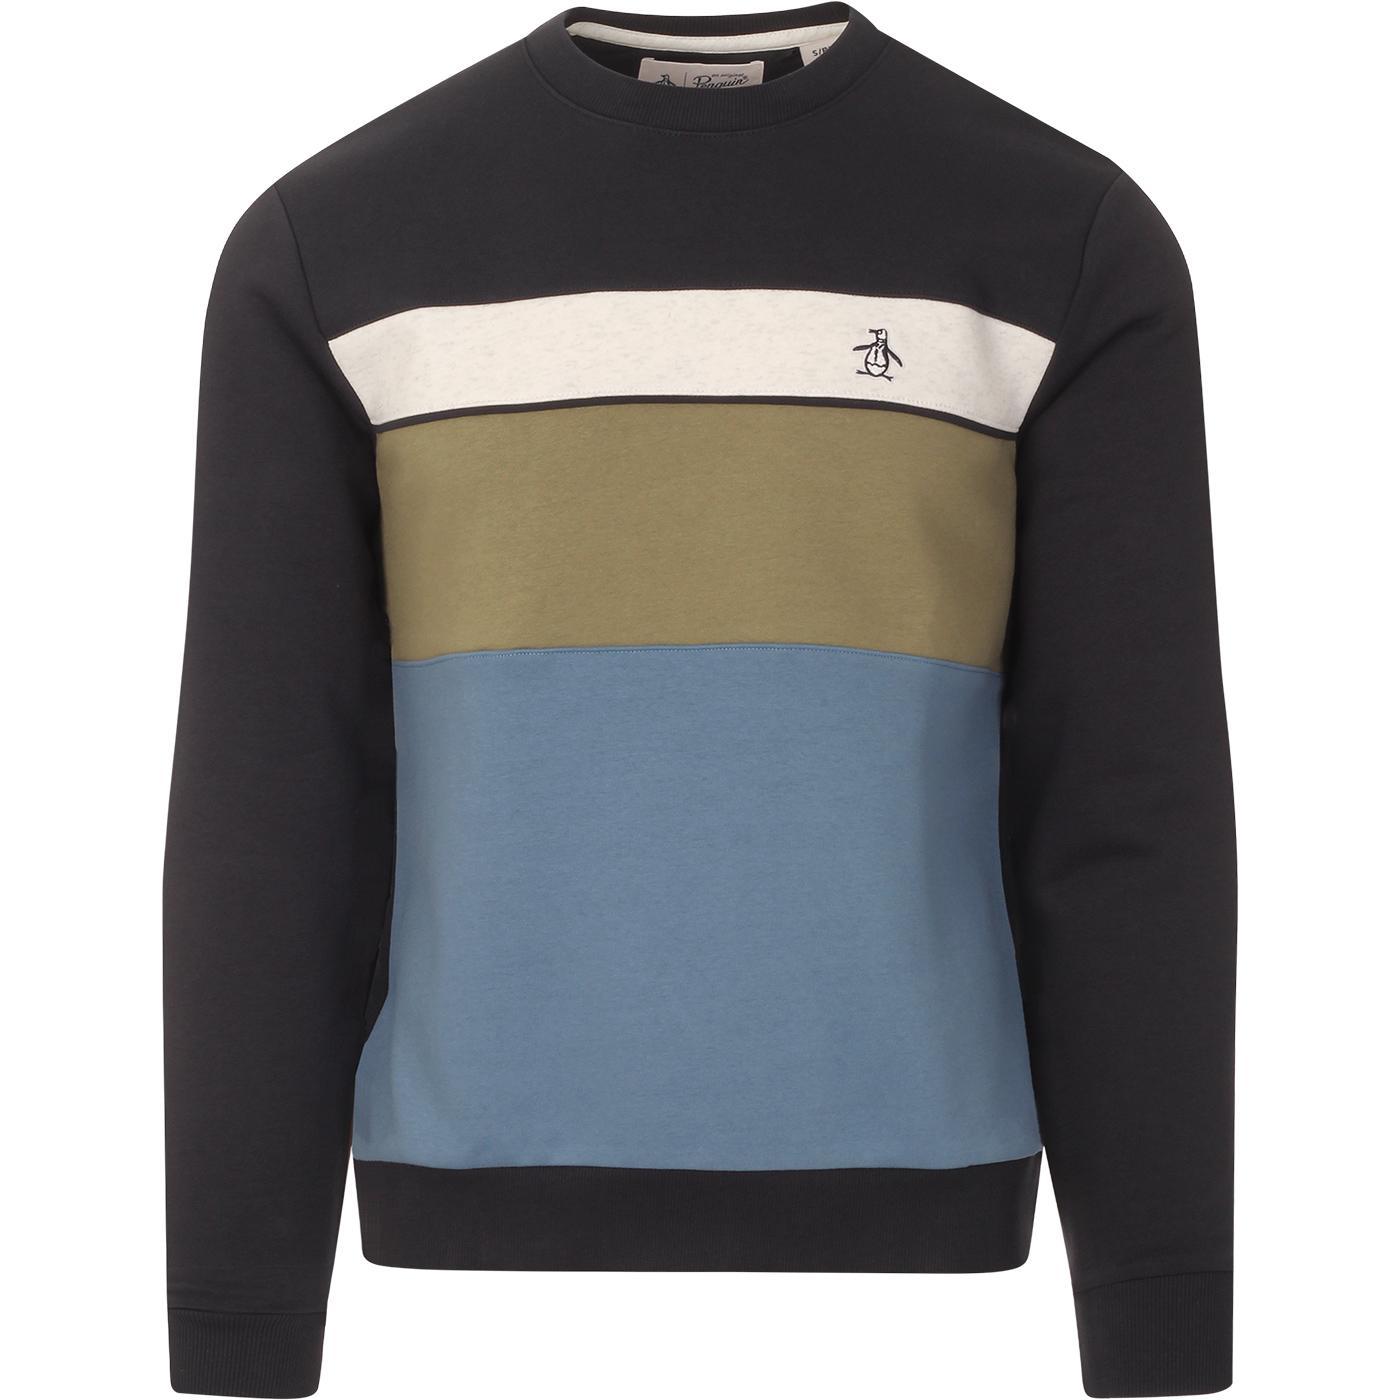 ORIGINAL PENGUIN Retro Block Panel Sweatshirt (DS)